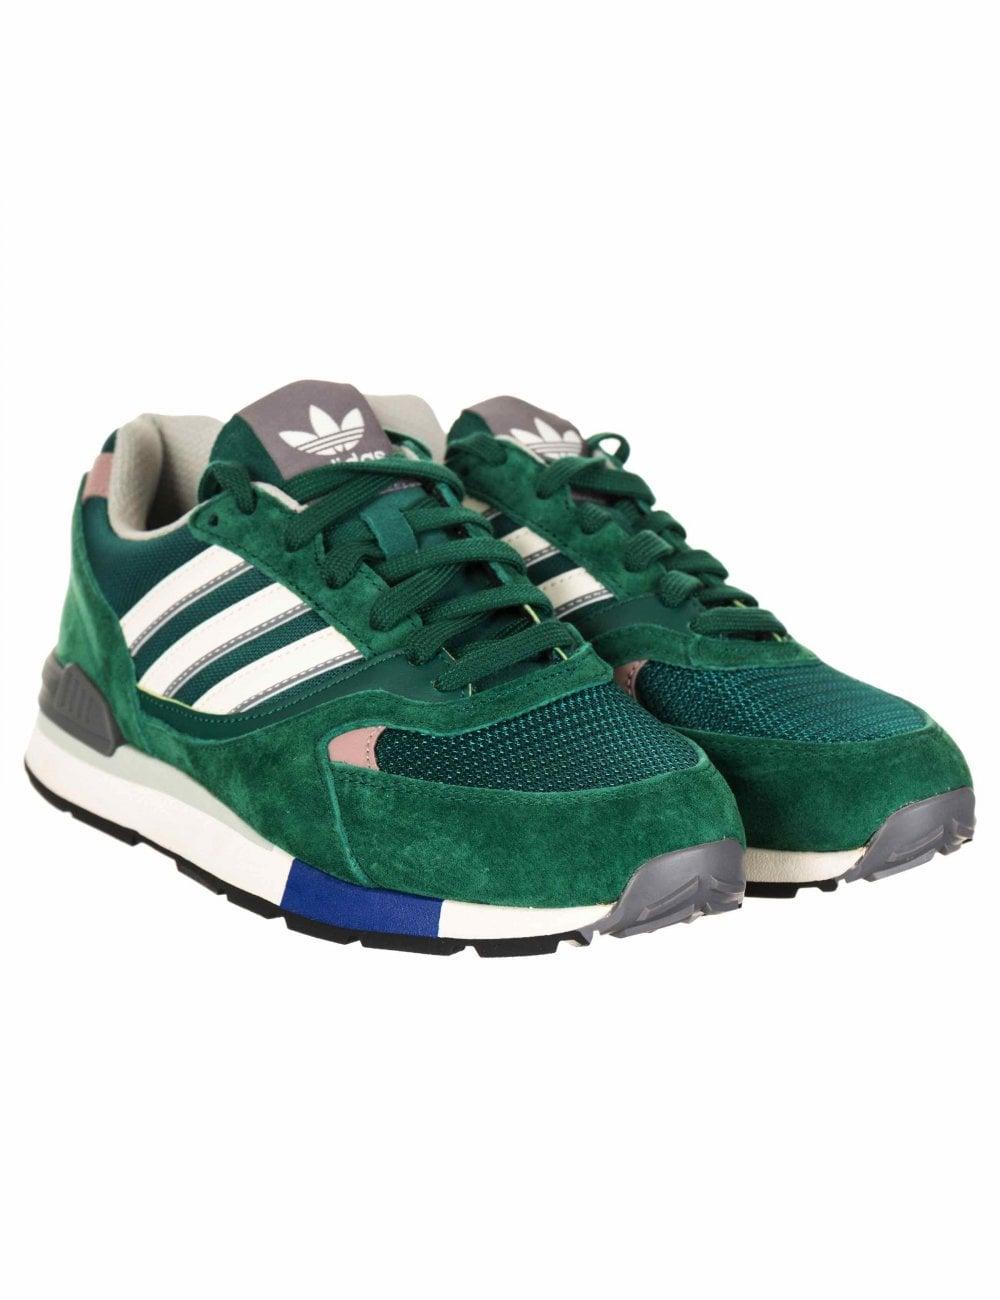 ad24f17175 Quesence Trainers - Collegiate Green/White